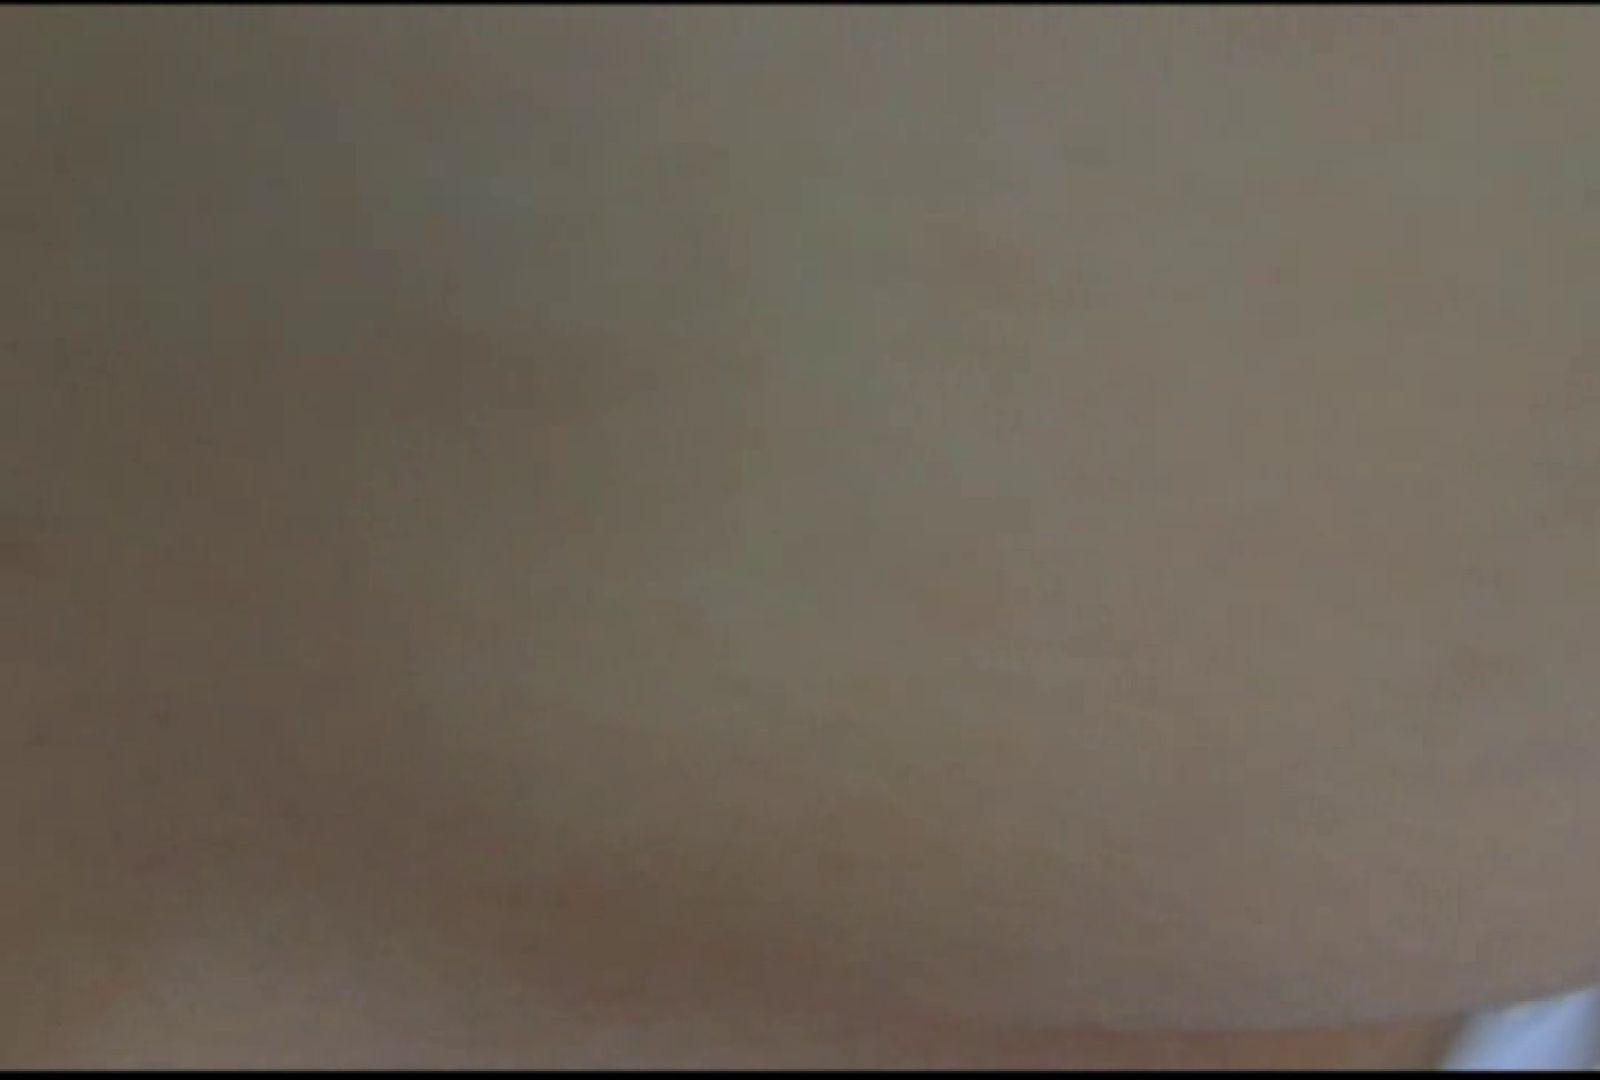 いきつけの美容院はノーブラ営業中!Vol.4 乳首 性交動画流出 66画像 10